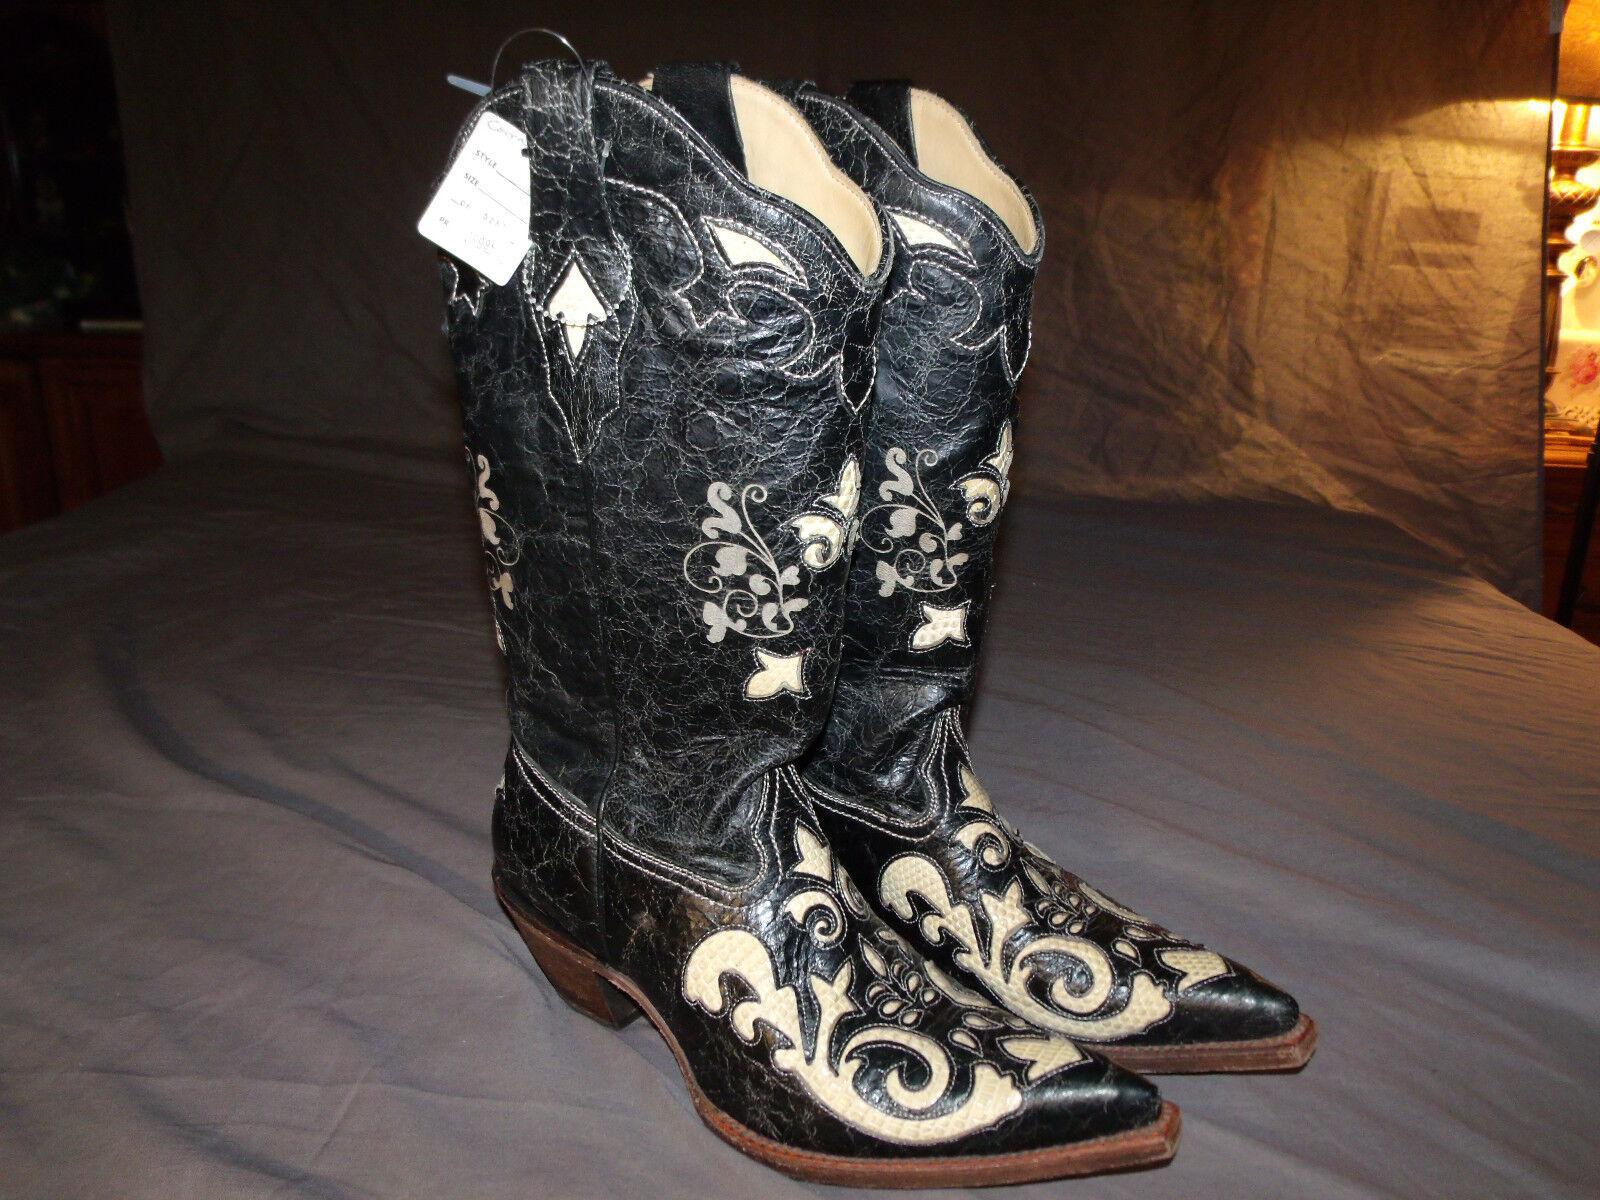 Nuevo, Corral C2116 Negro para Mujer con incrustaciones de de de marfil Lagarto Vaquera botas 7.0M  varios tamaños